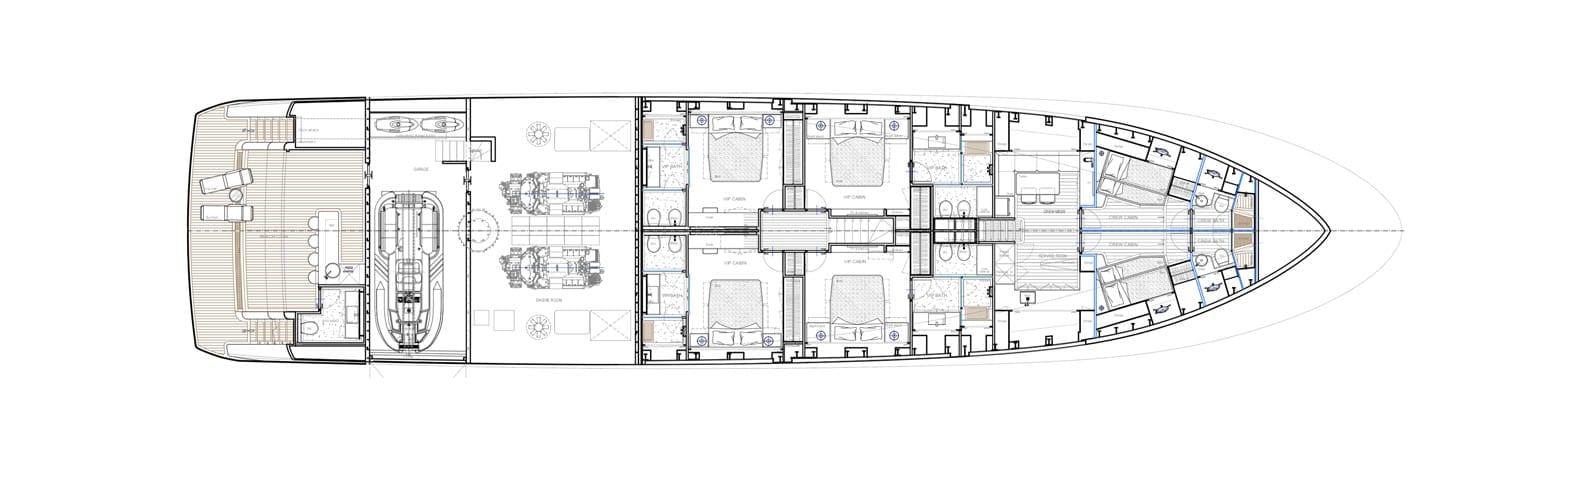 Uniesse-sy-120-floorplants4